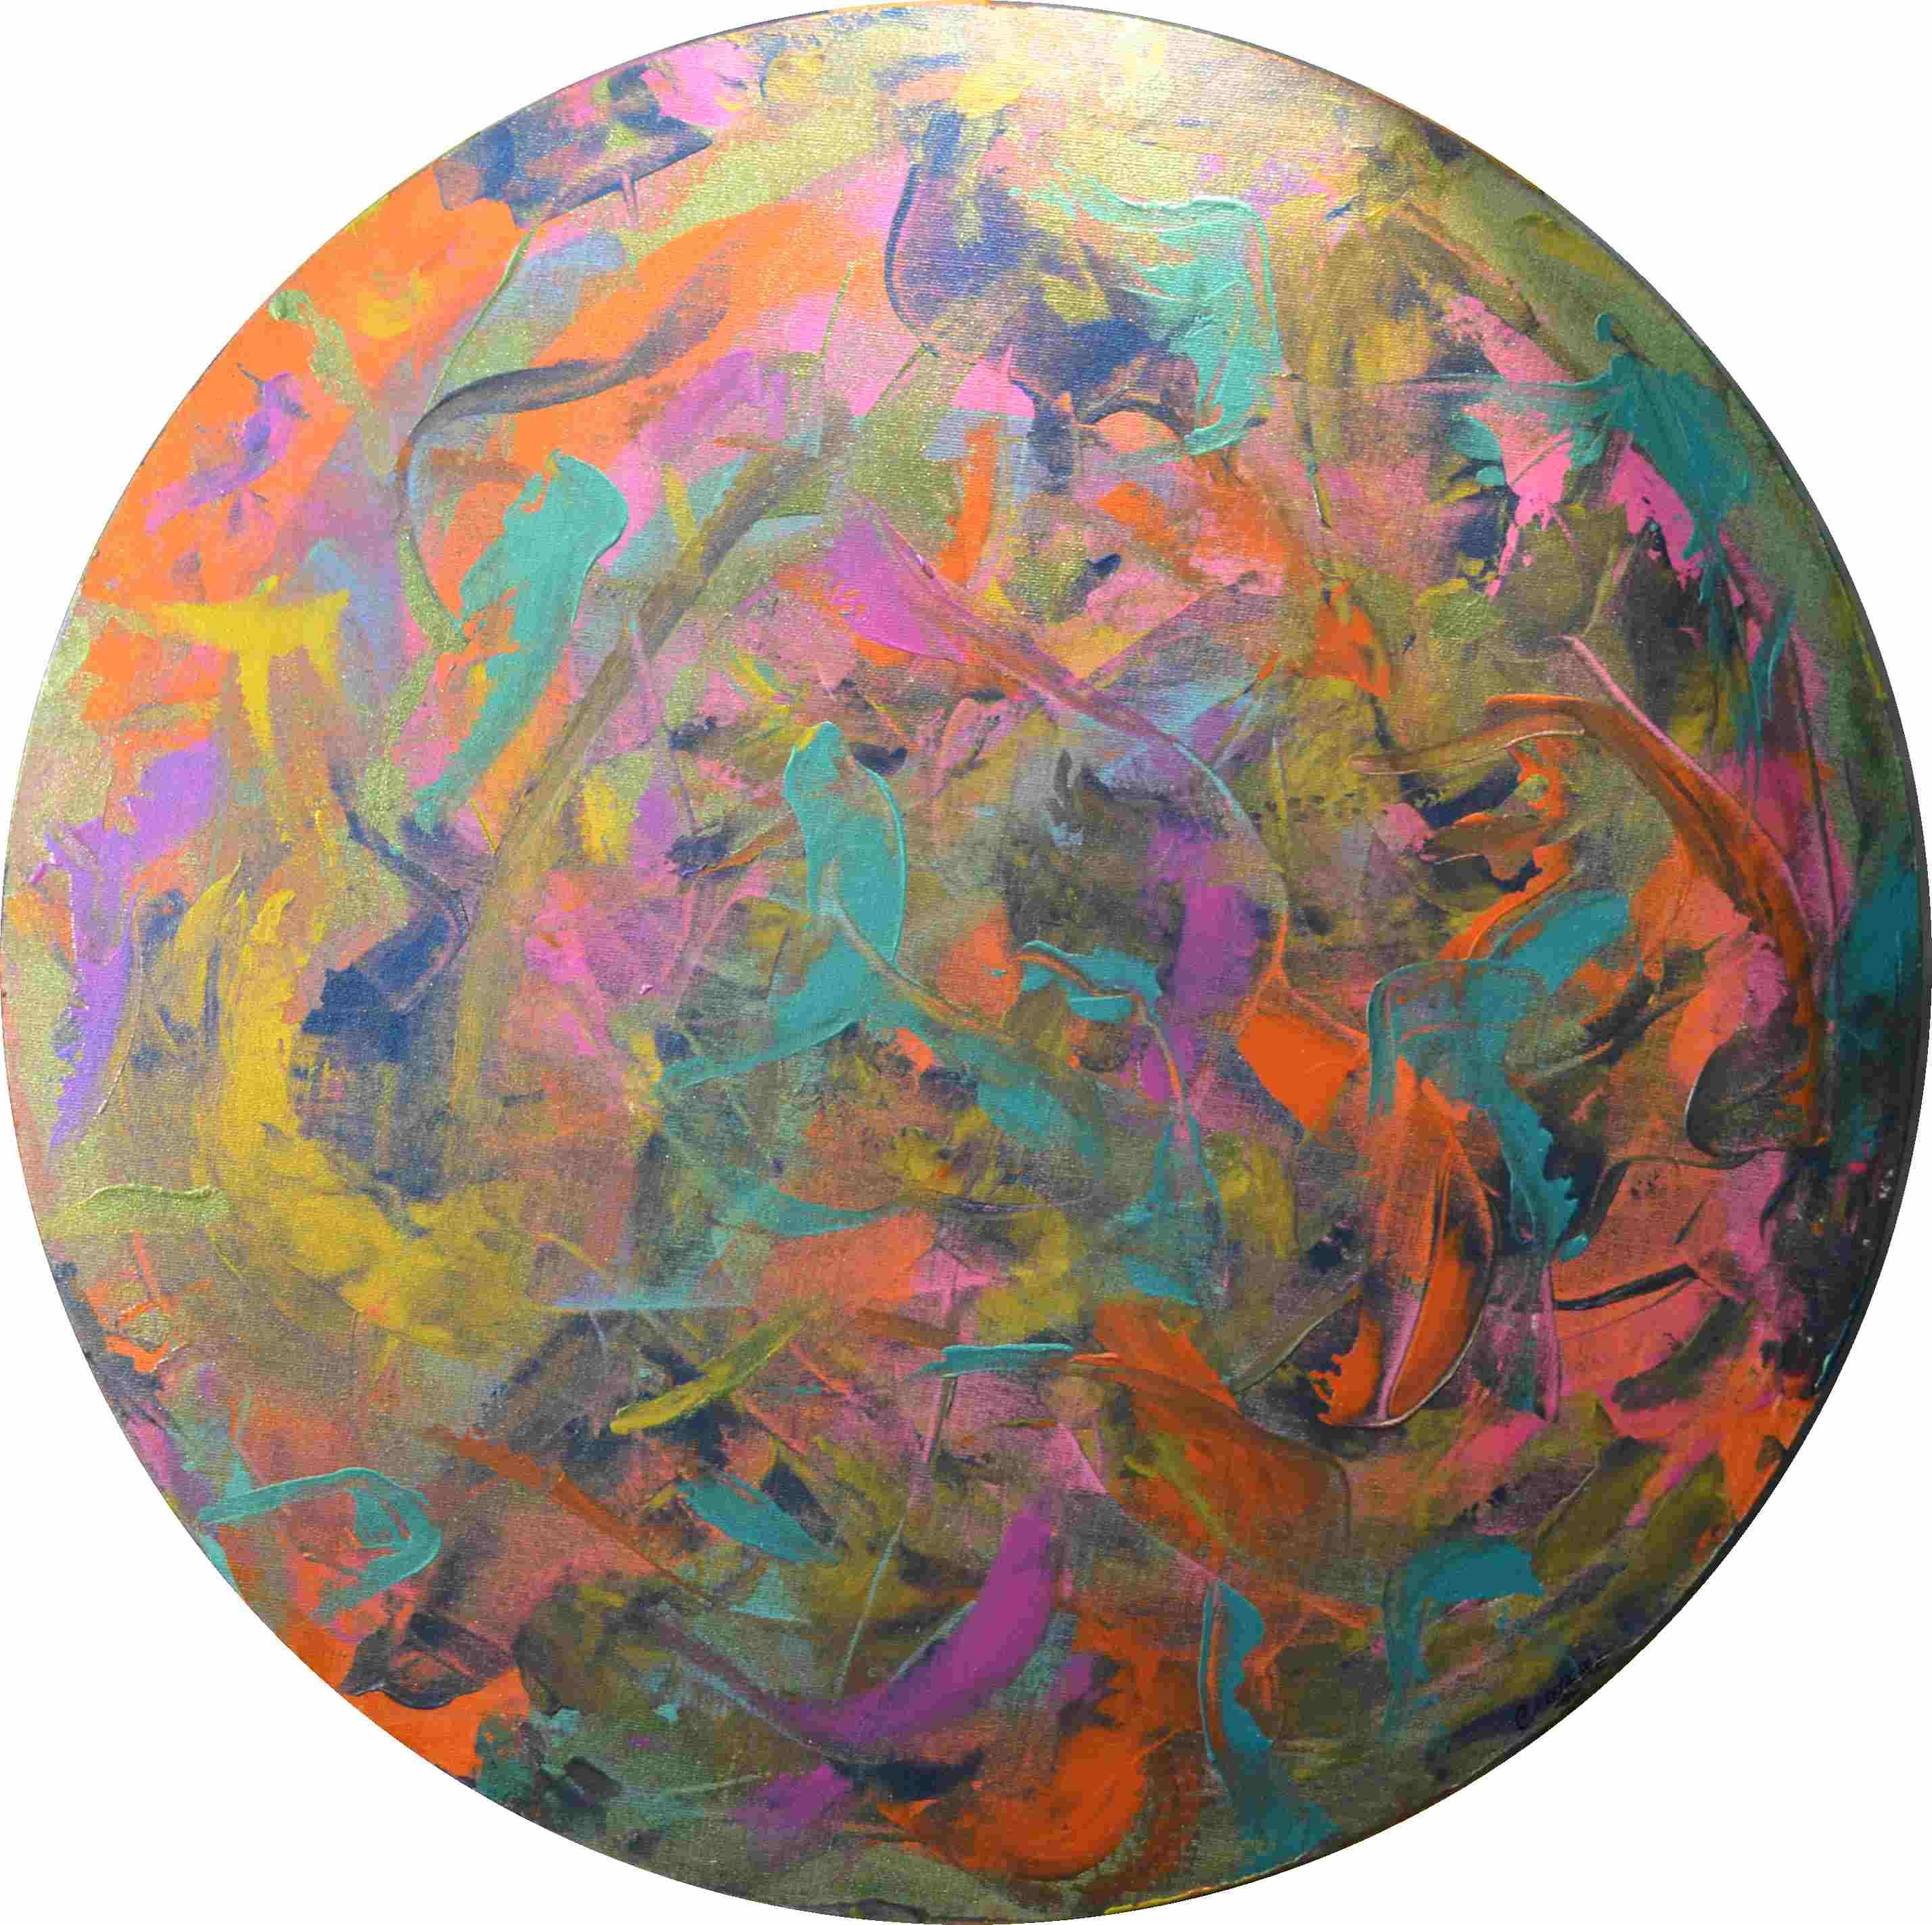 tableau-moderne-abstrait-design-rond-cercle-art-peinture-toile-1